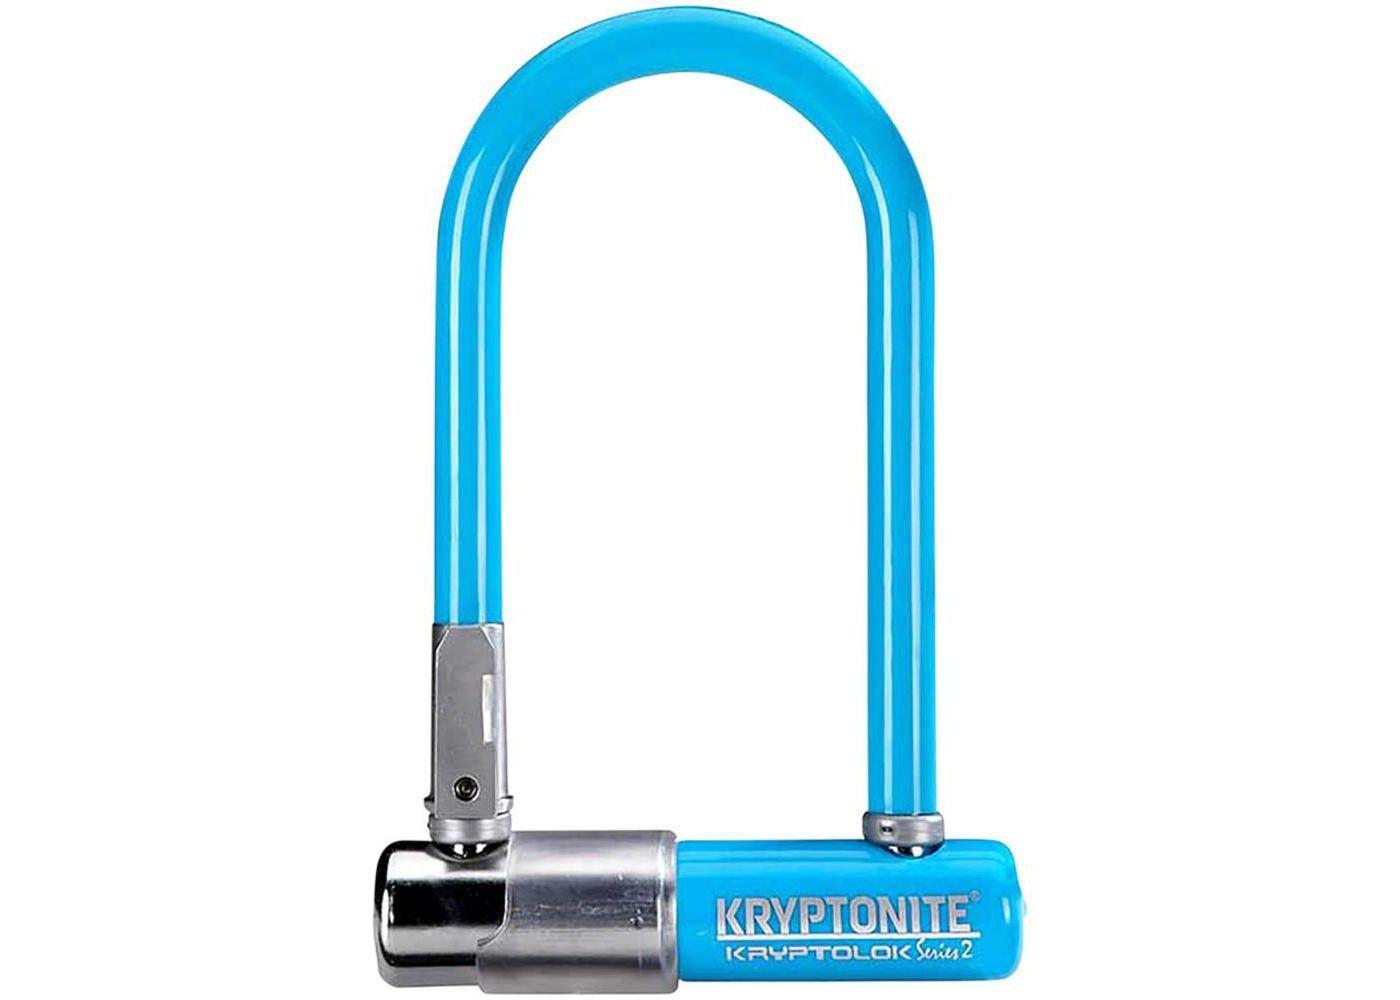 Kryptonite Krypto Series 2 Mini-7 U-Lock - 3.25 x 7 Keyed Blue Includes bracket #Affiliate #Mini, #Aff, #Lock, #Series